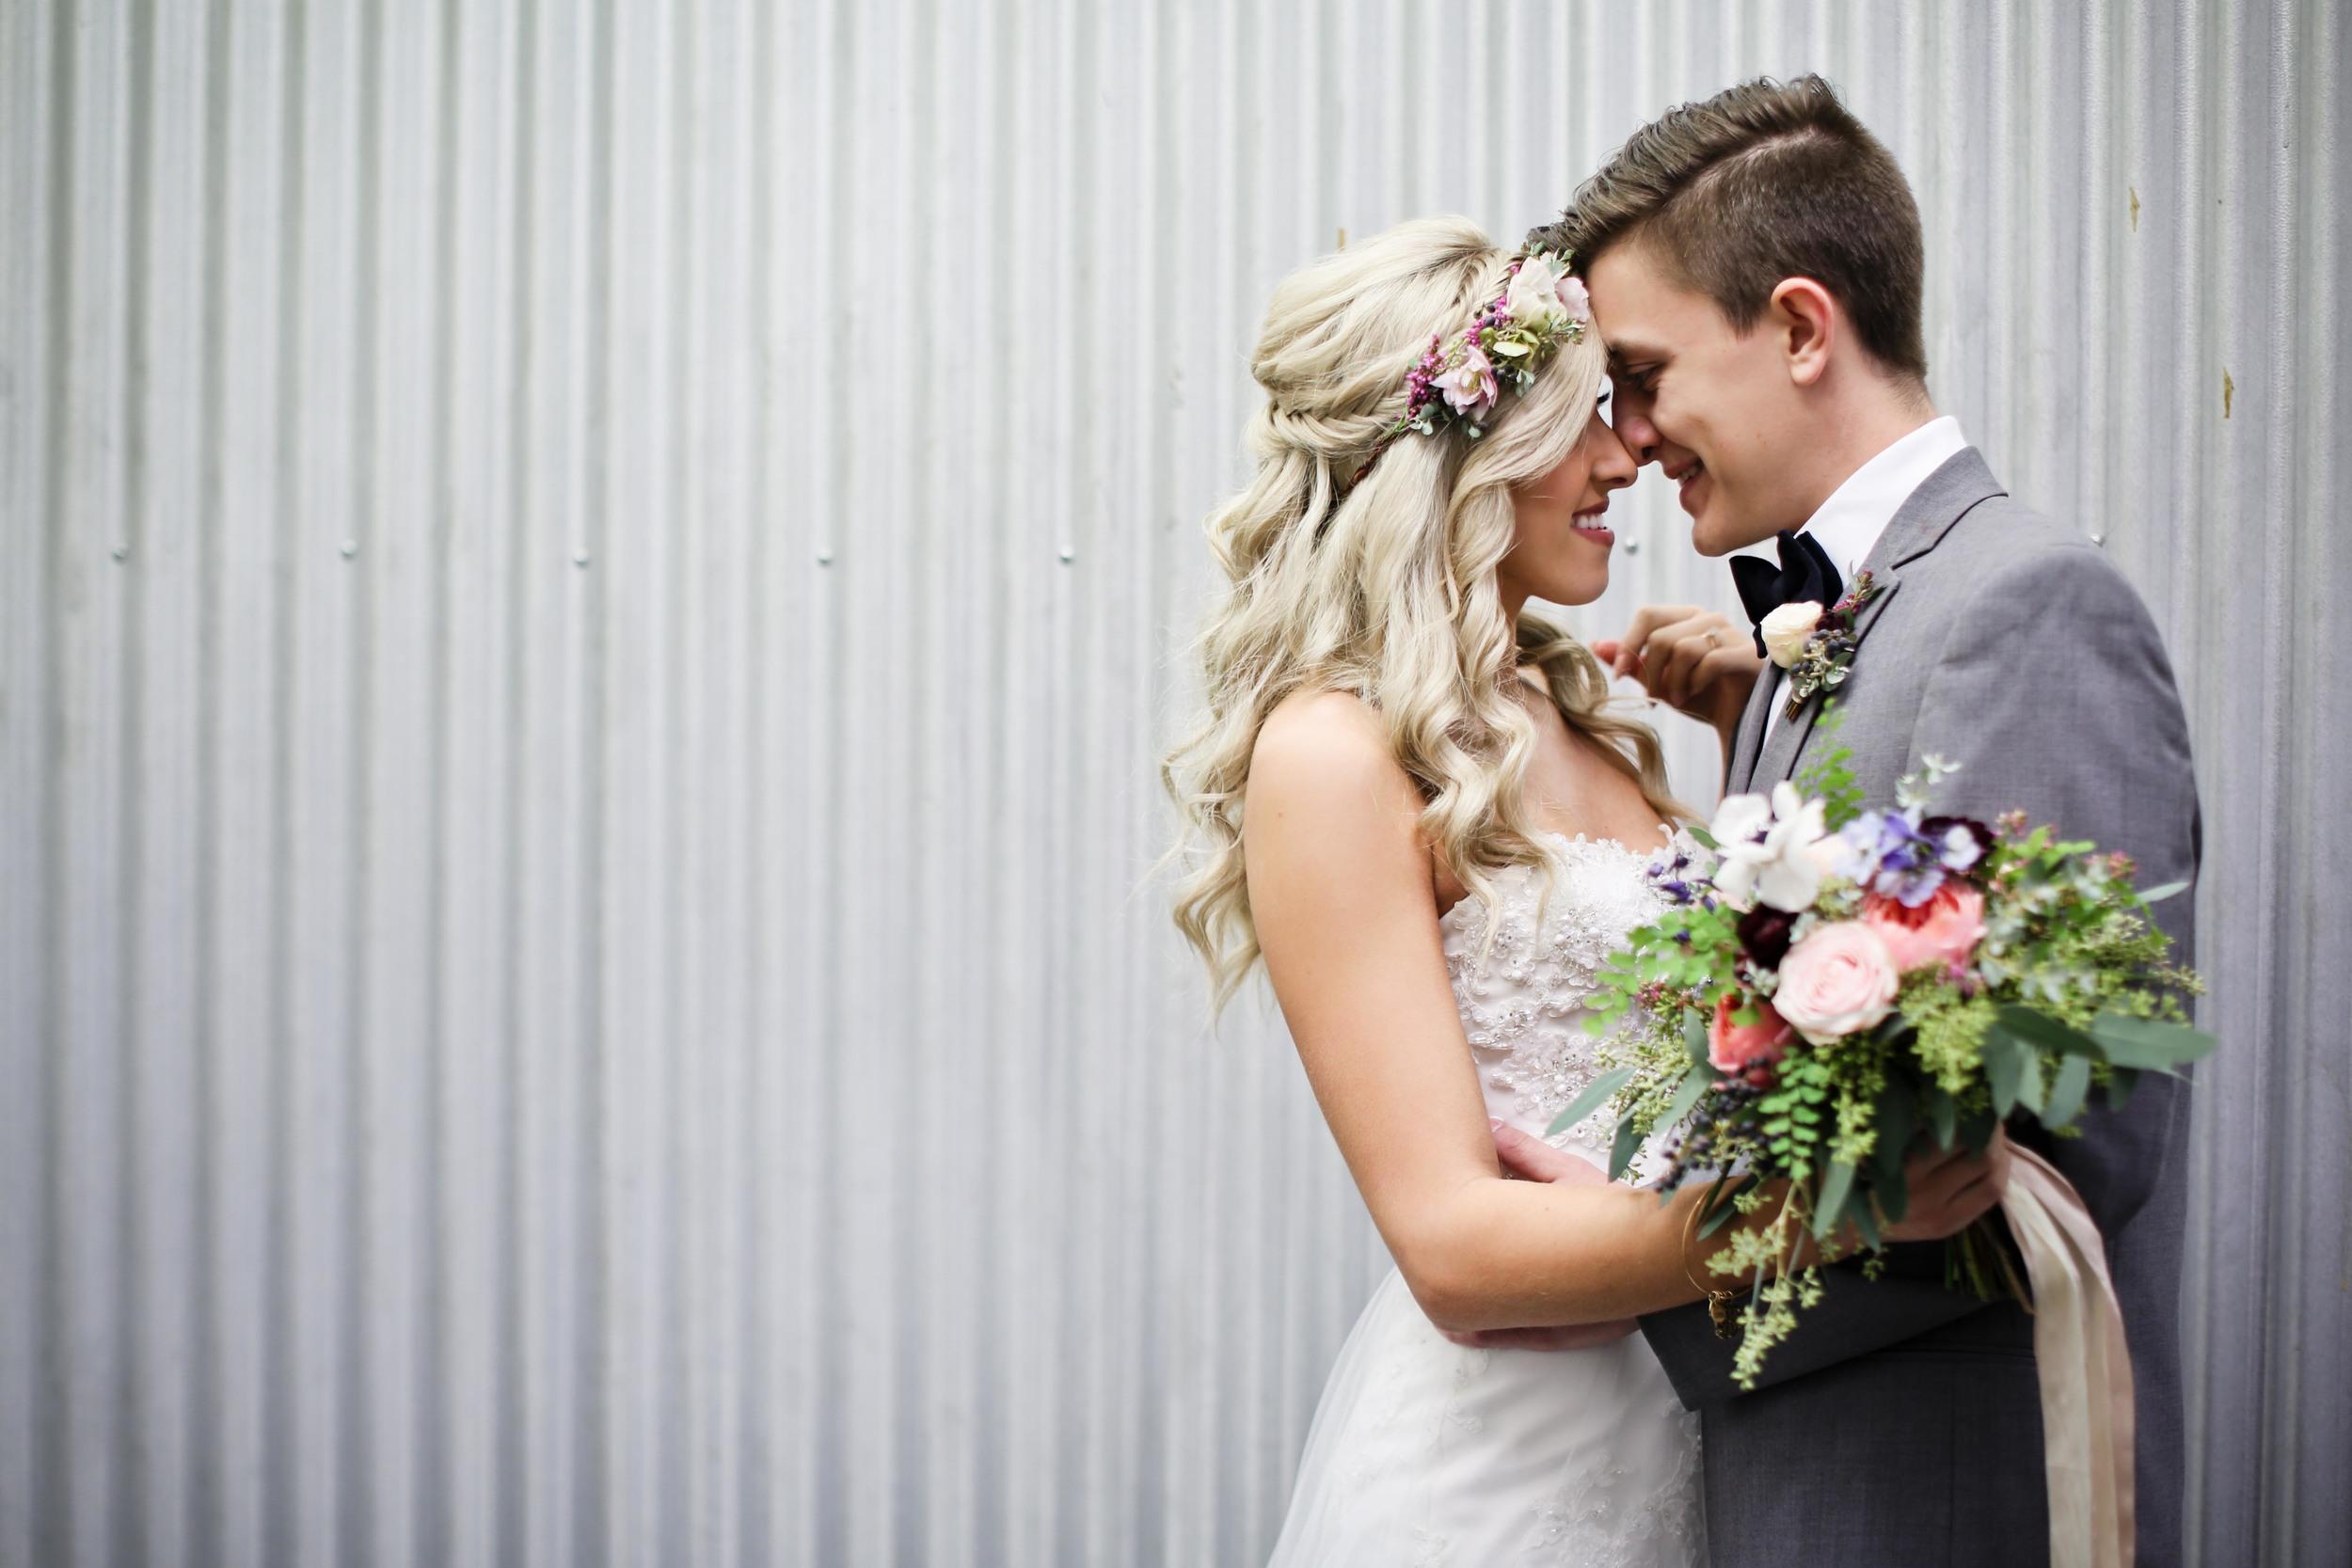 Simple elopement in Atlanta // Natural, loose greenery floral design